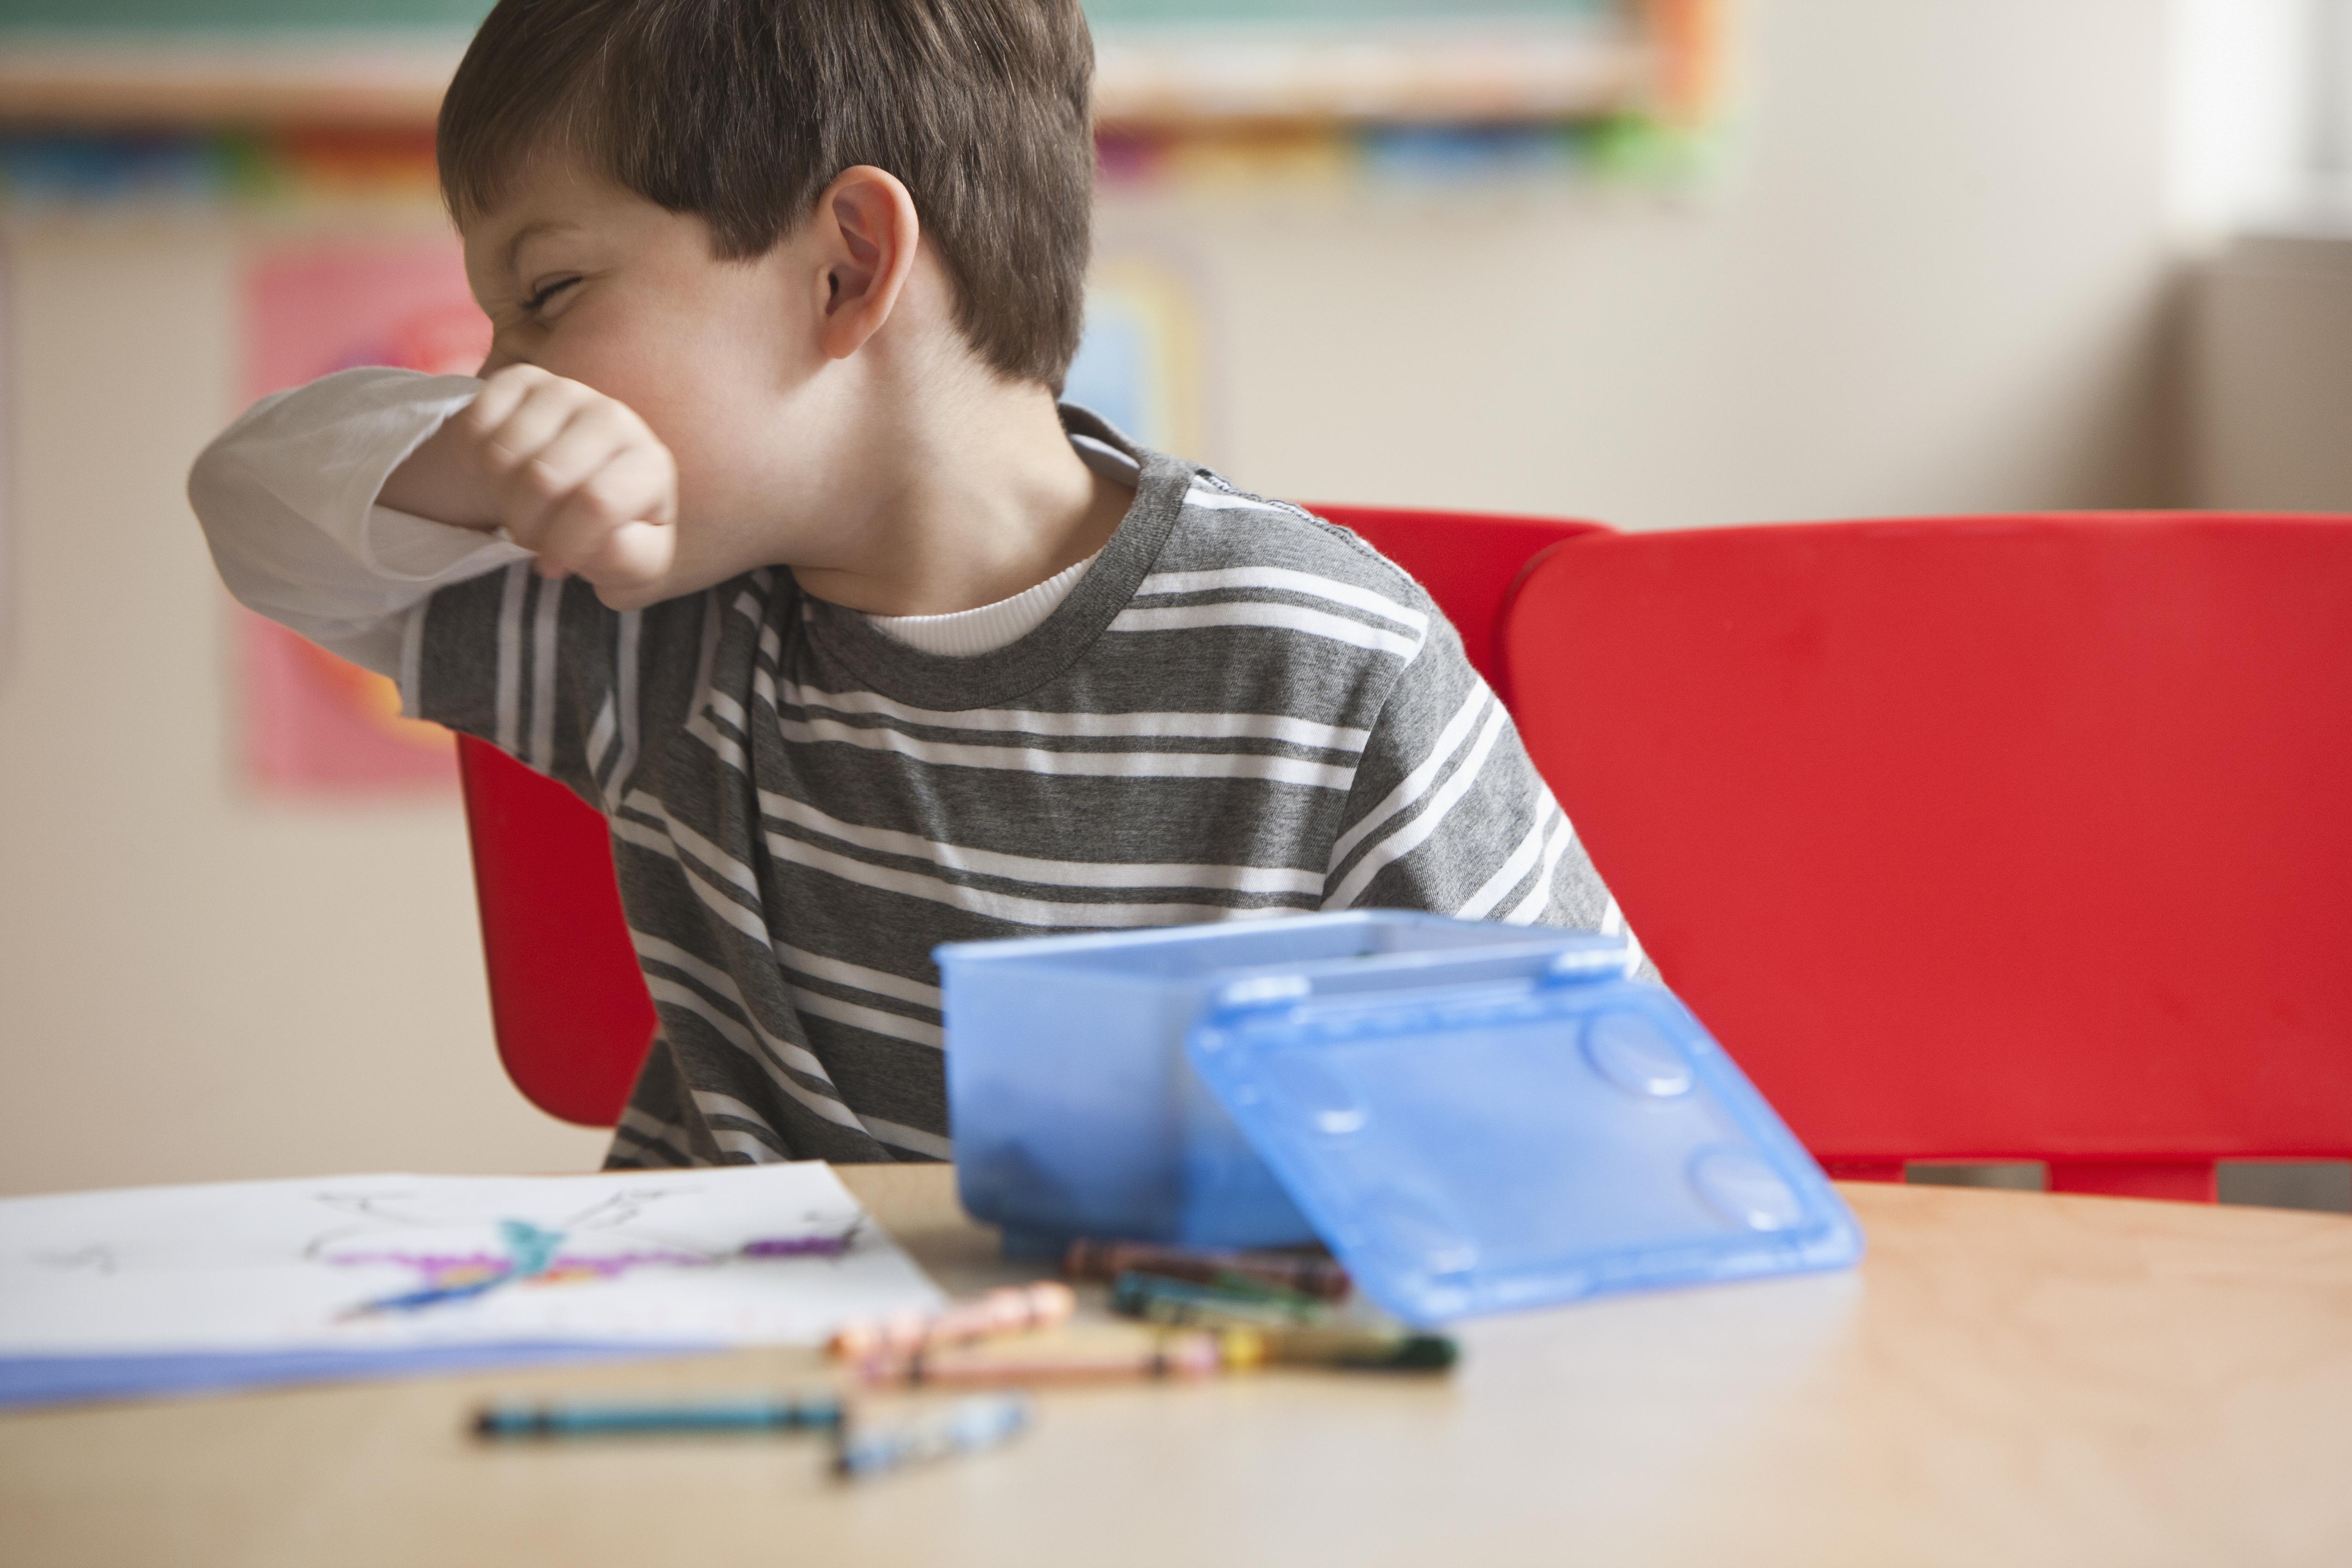 Kids blowing nose